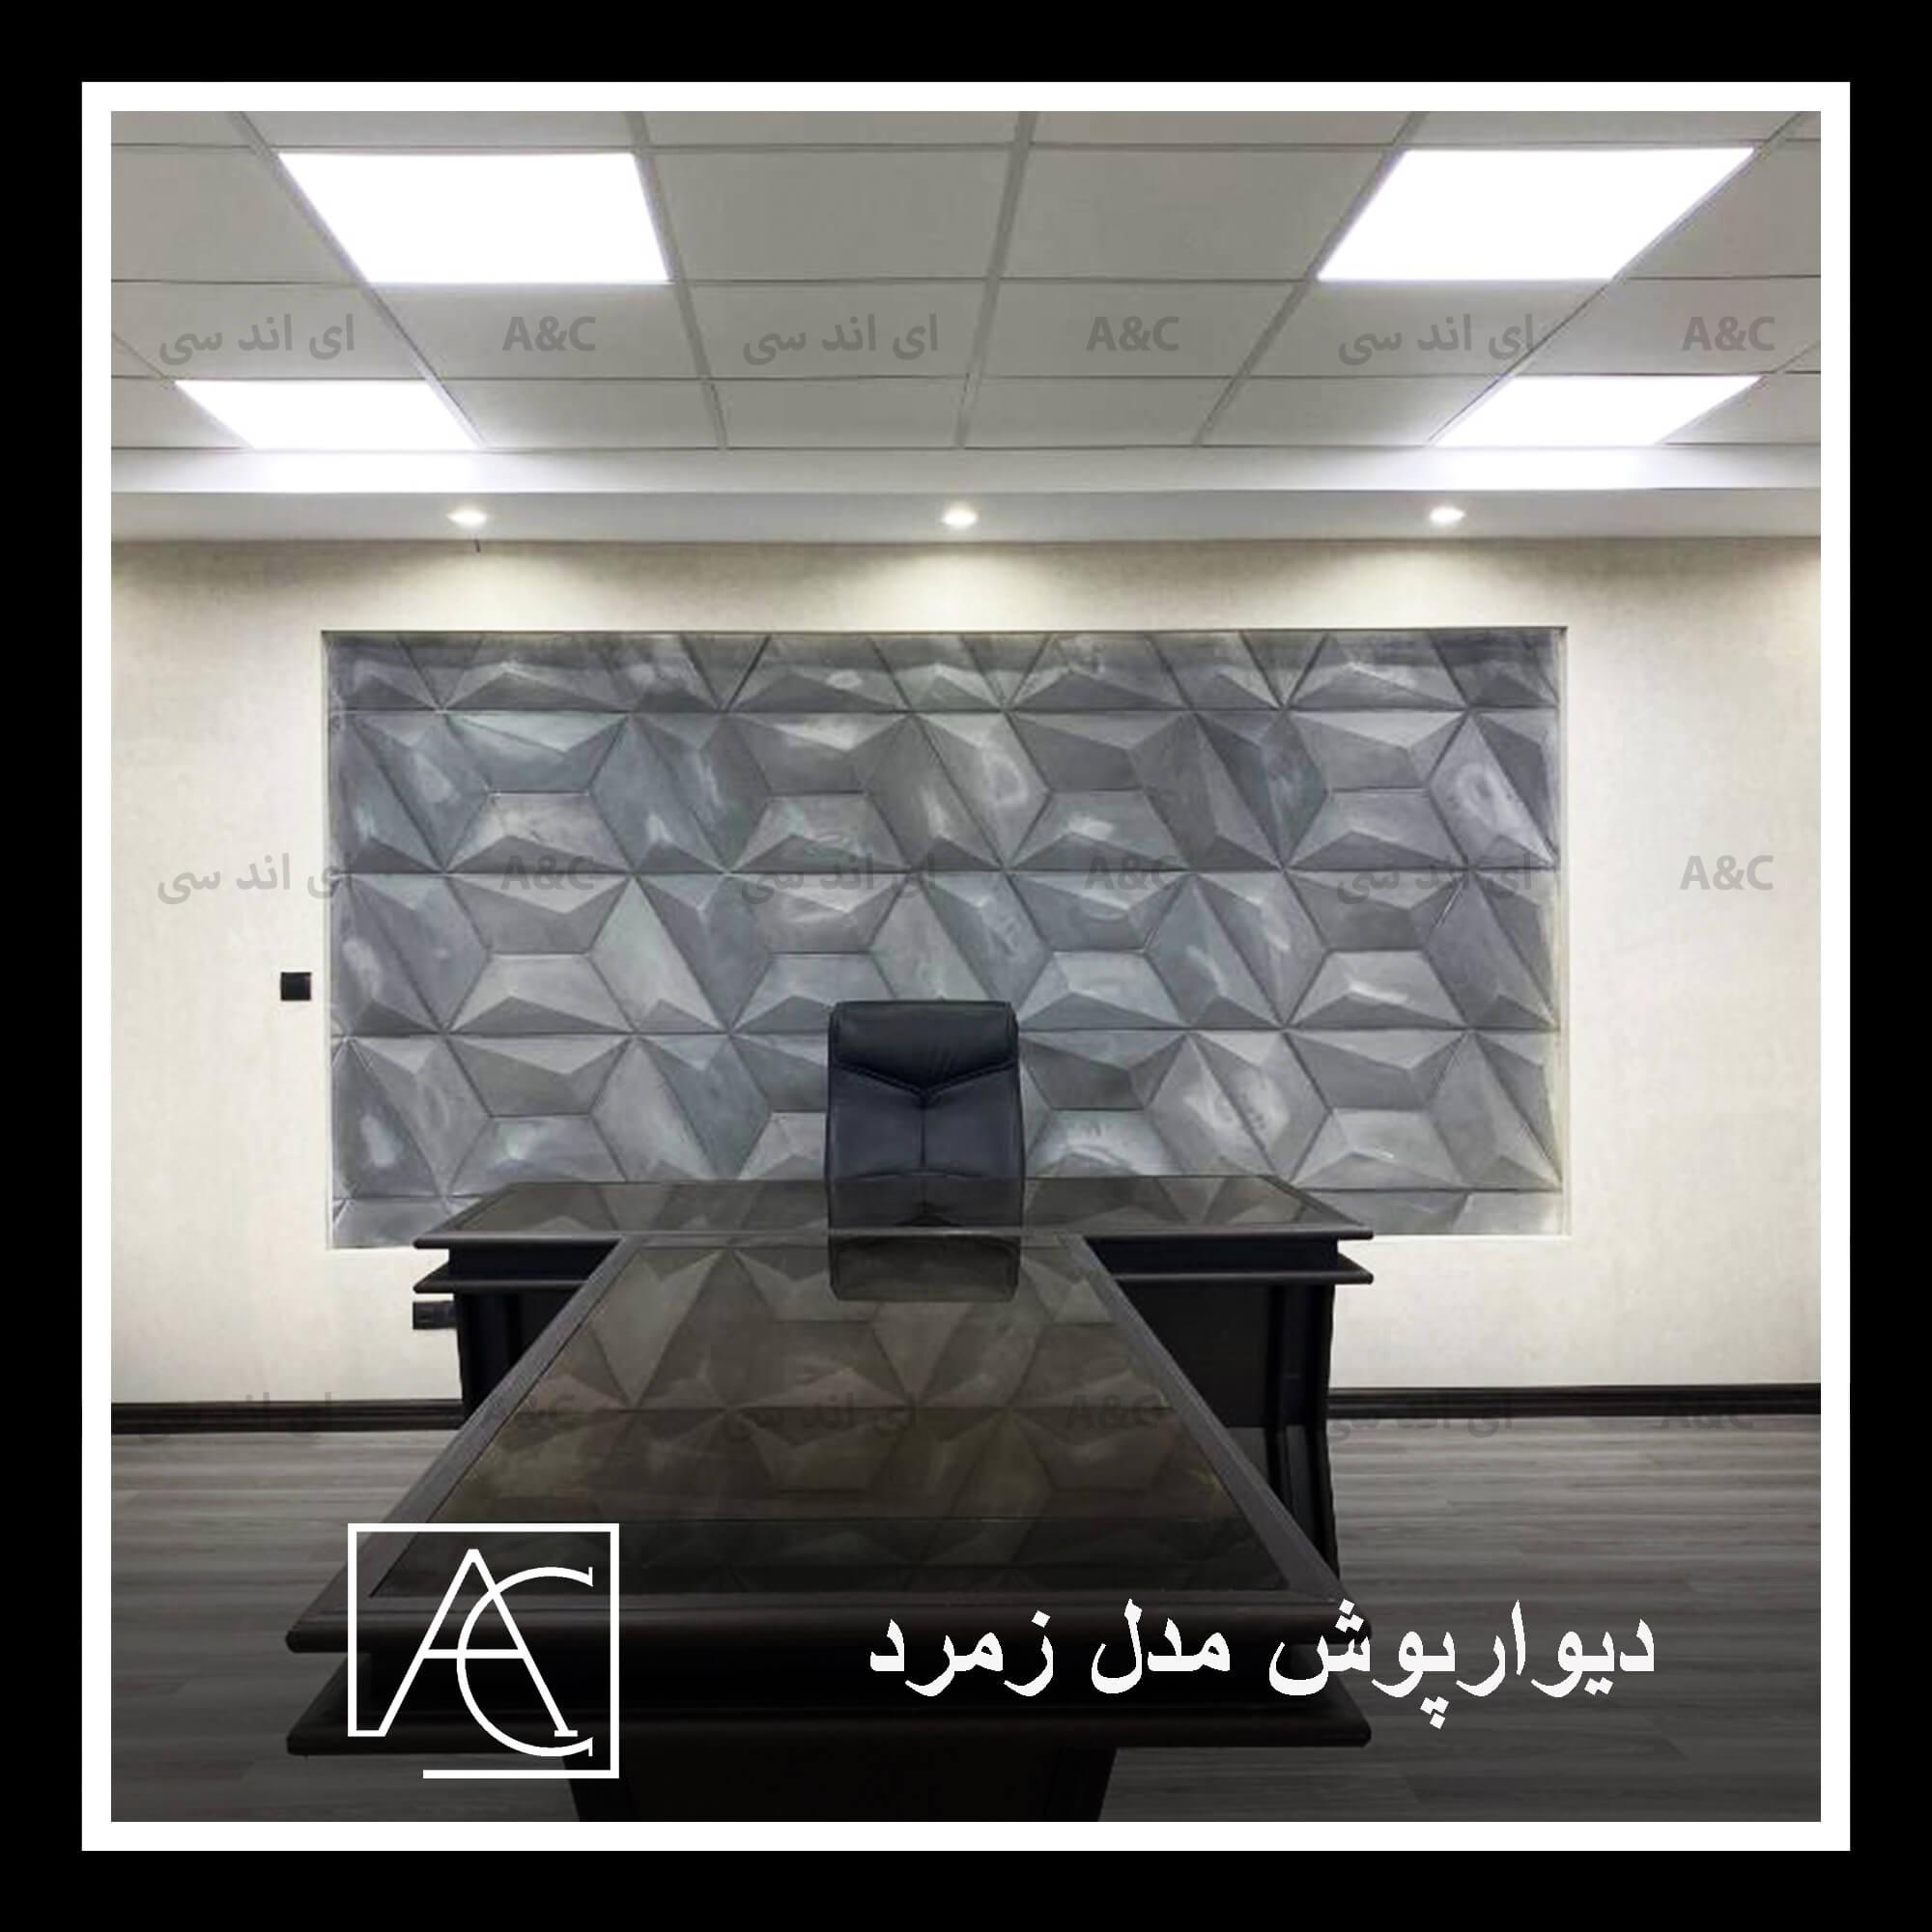 استفاده از دیوارپوش سه بعدی در فضای اداری